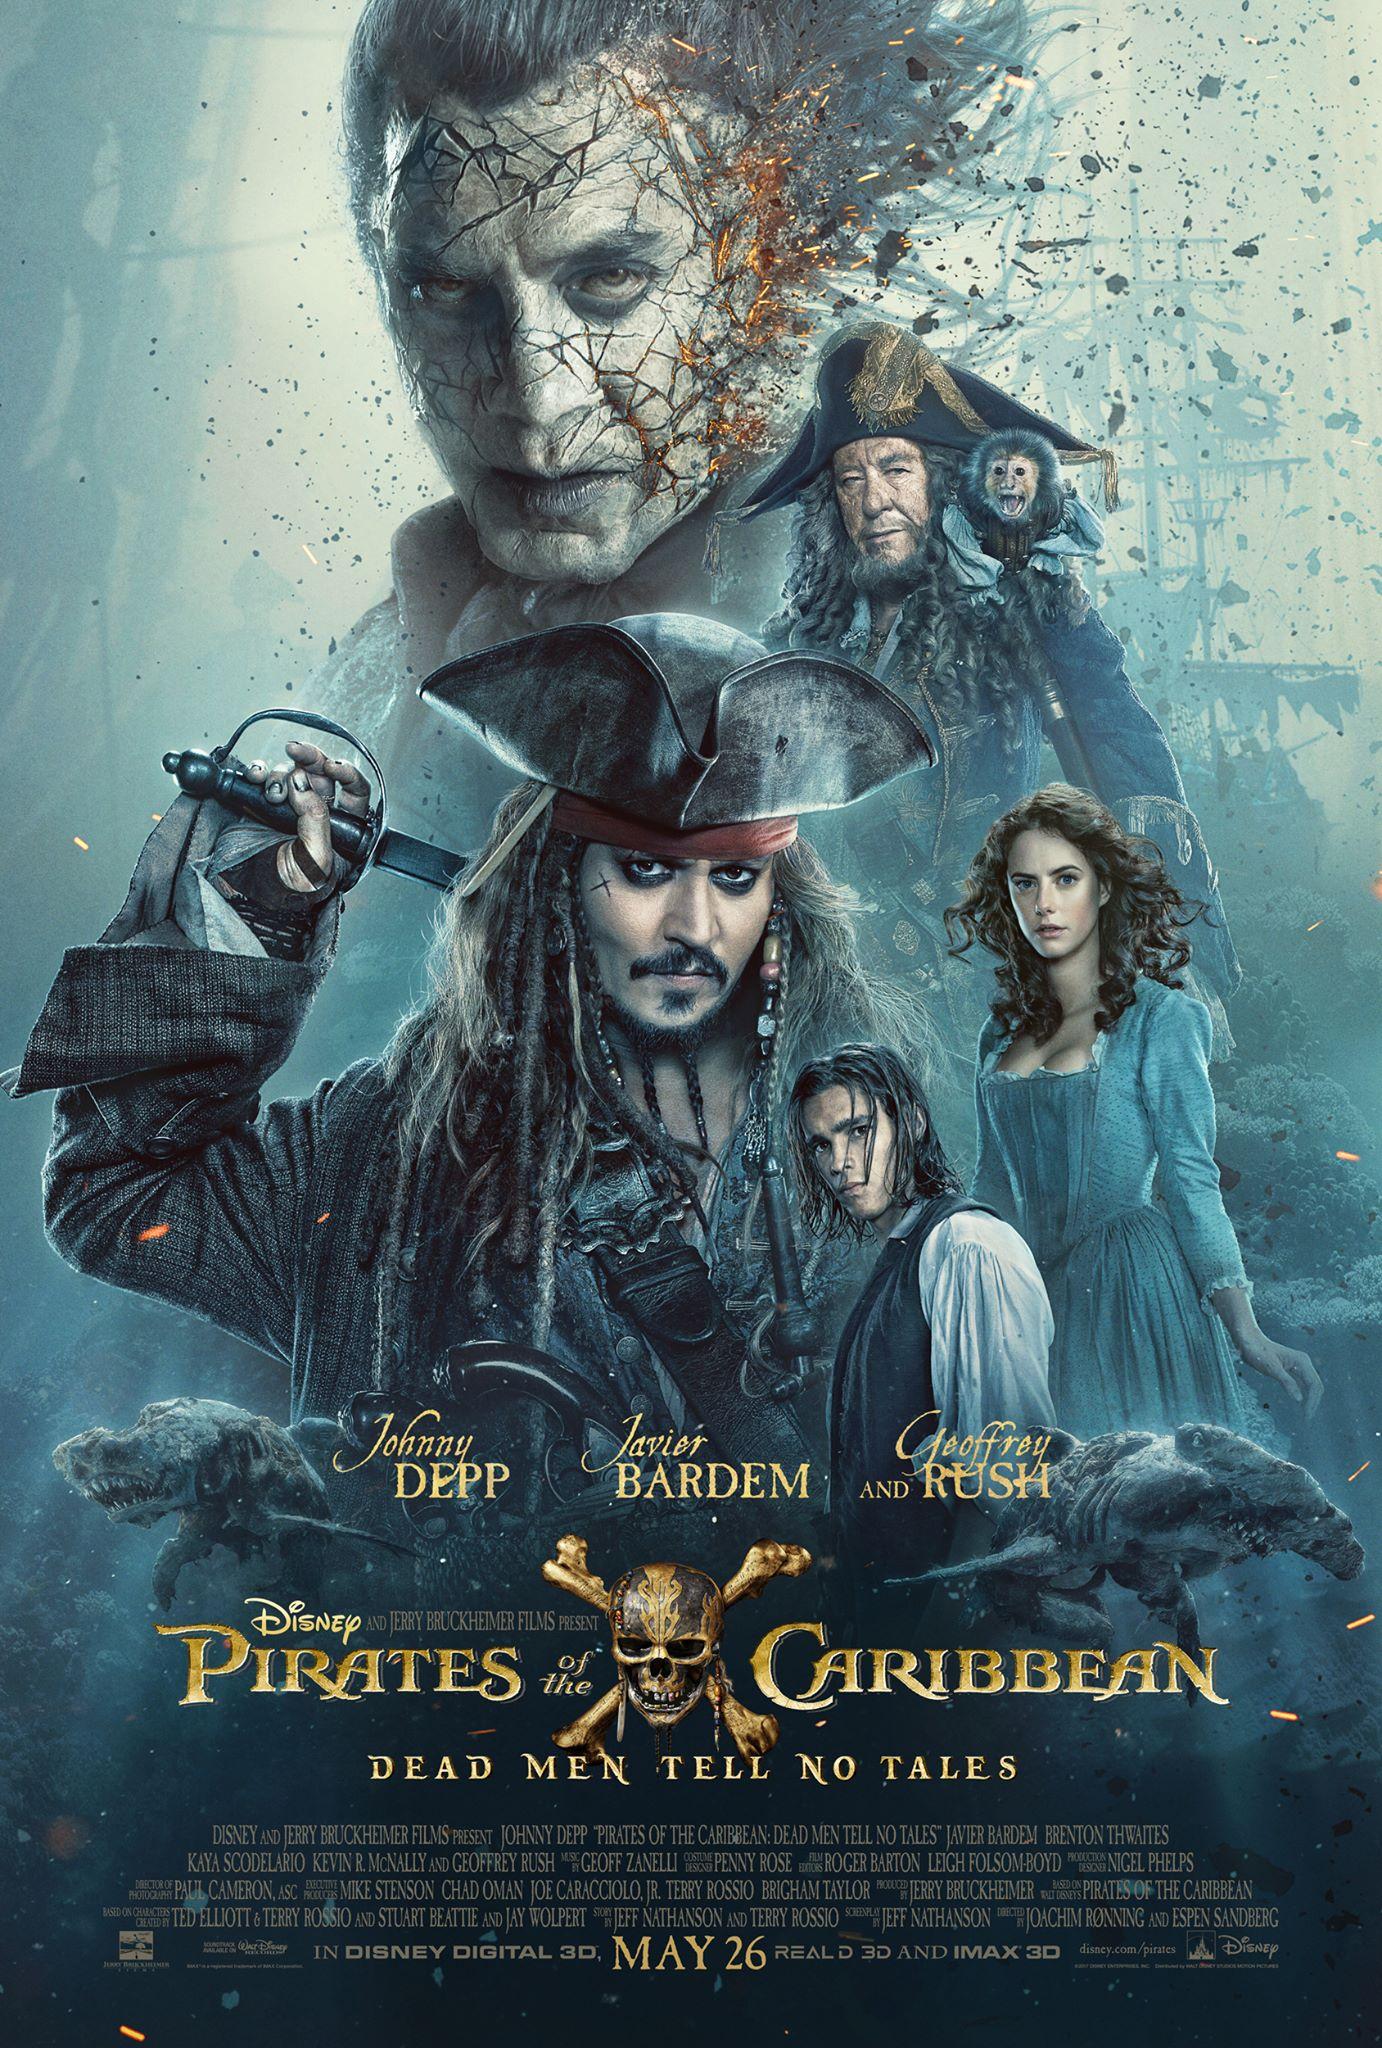 affiche poster pirates caraibes caribbean vengeance salazar dead men tales disney pictures